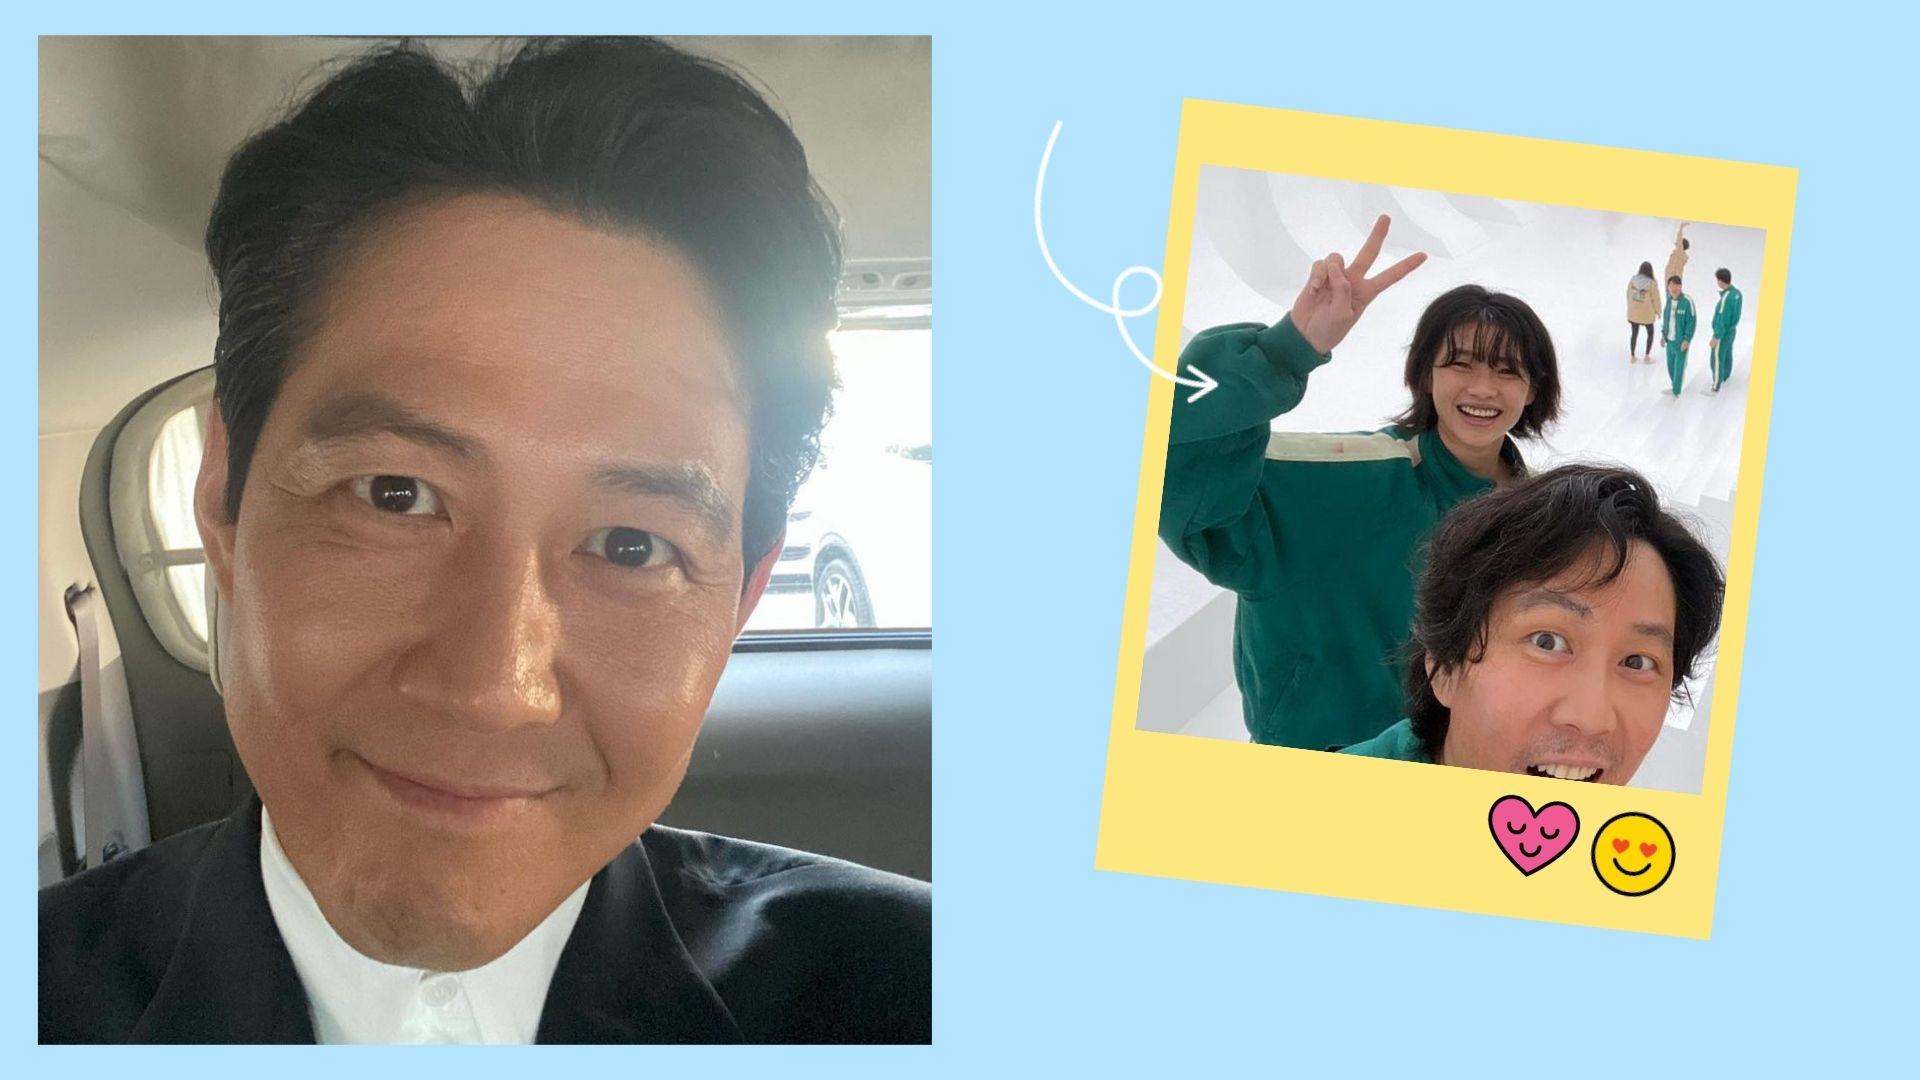 Lee Jung Jae's Instagram account